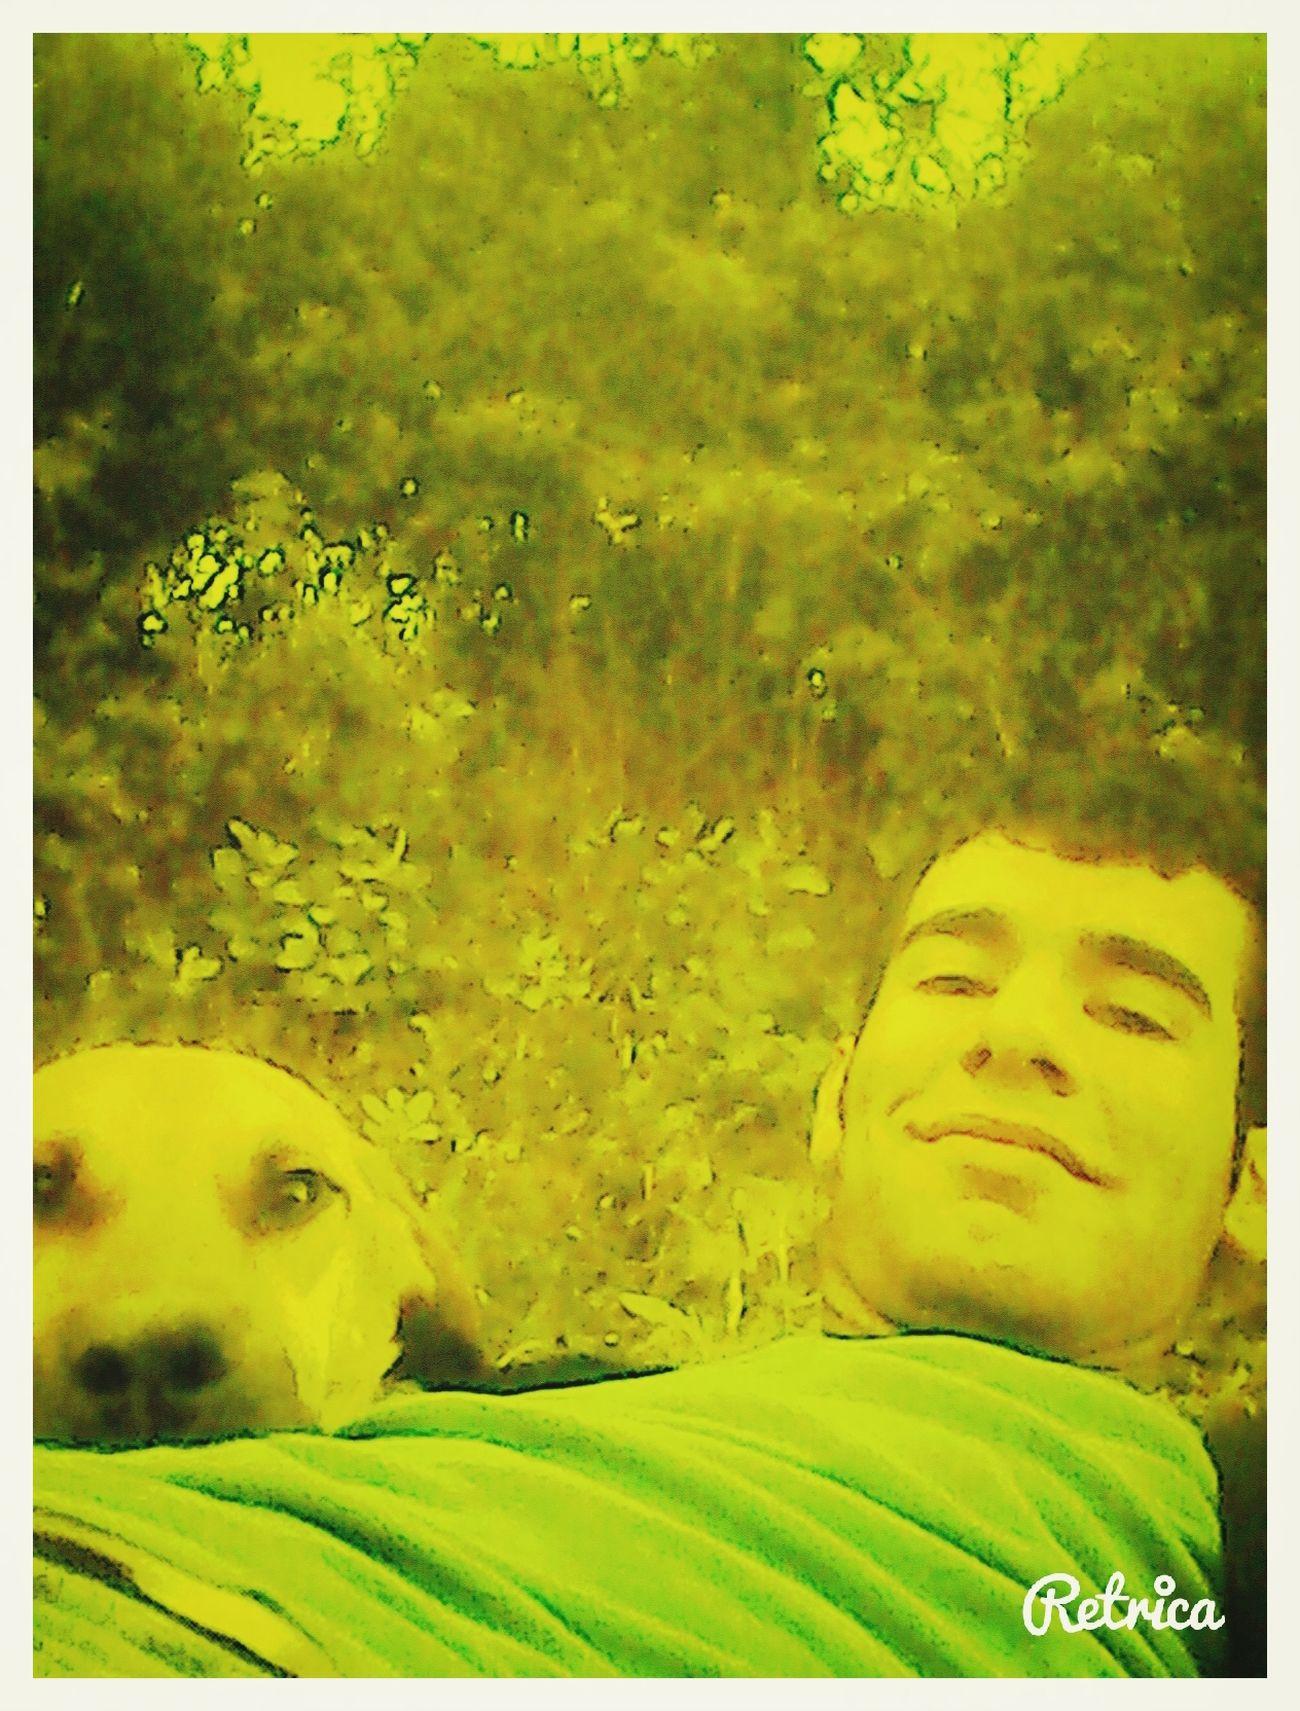 mydog :)